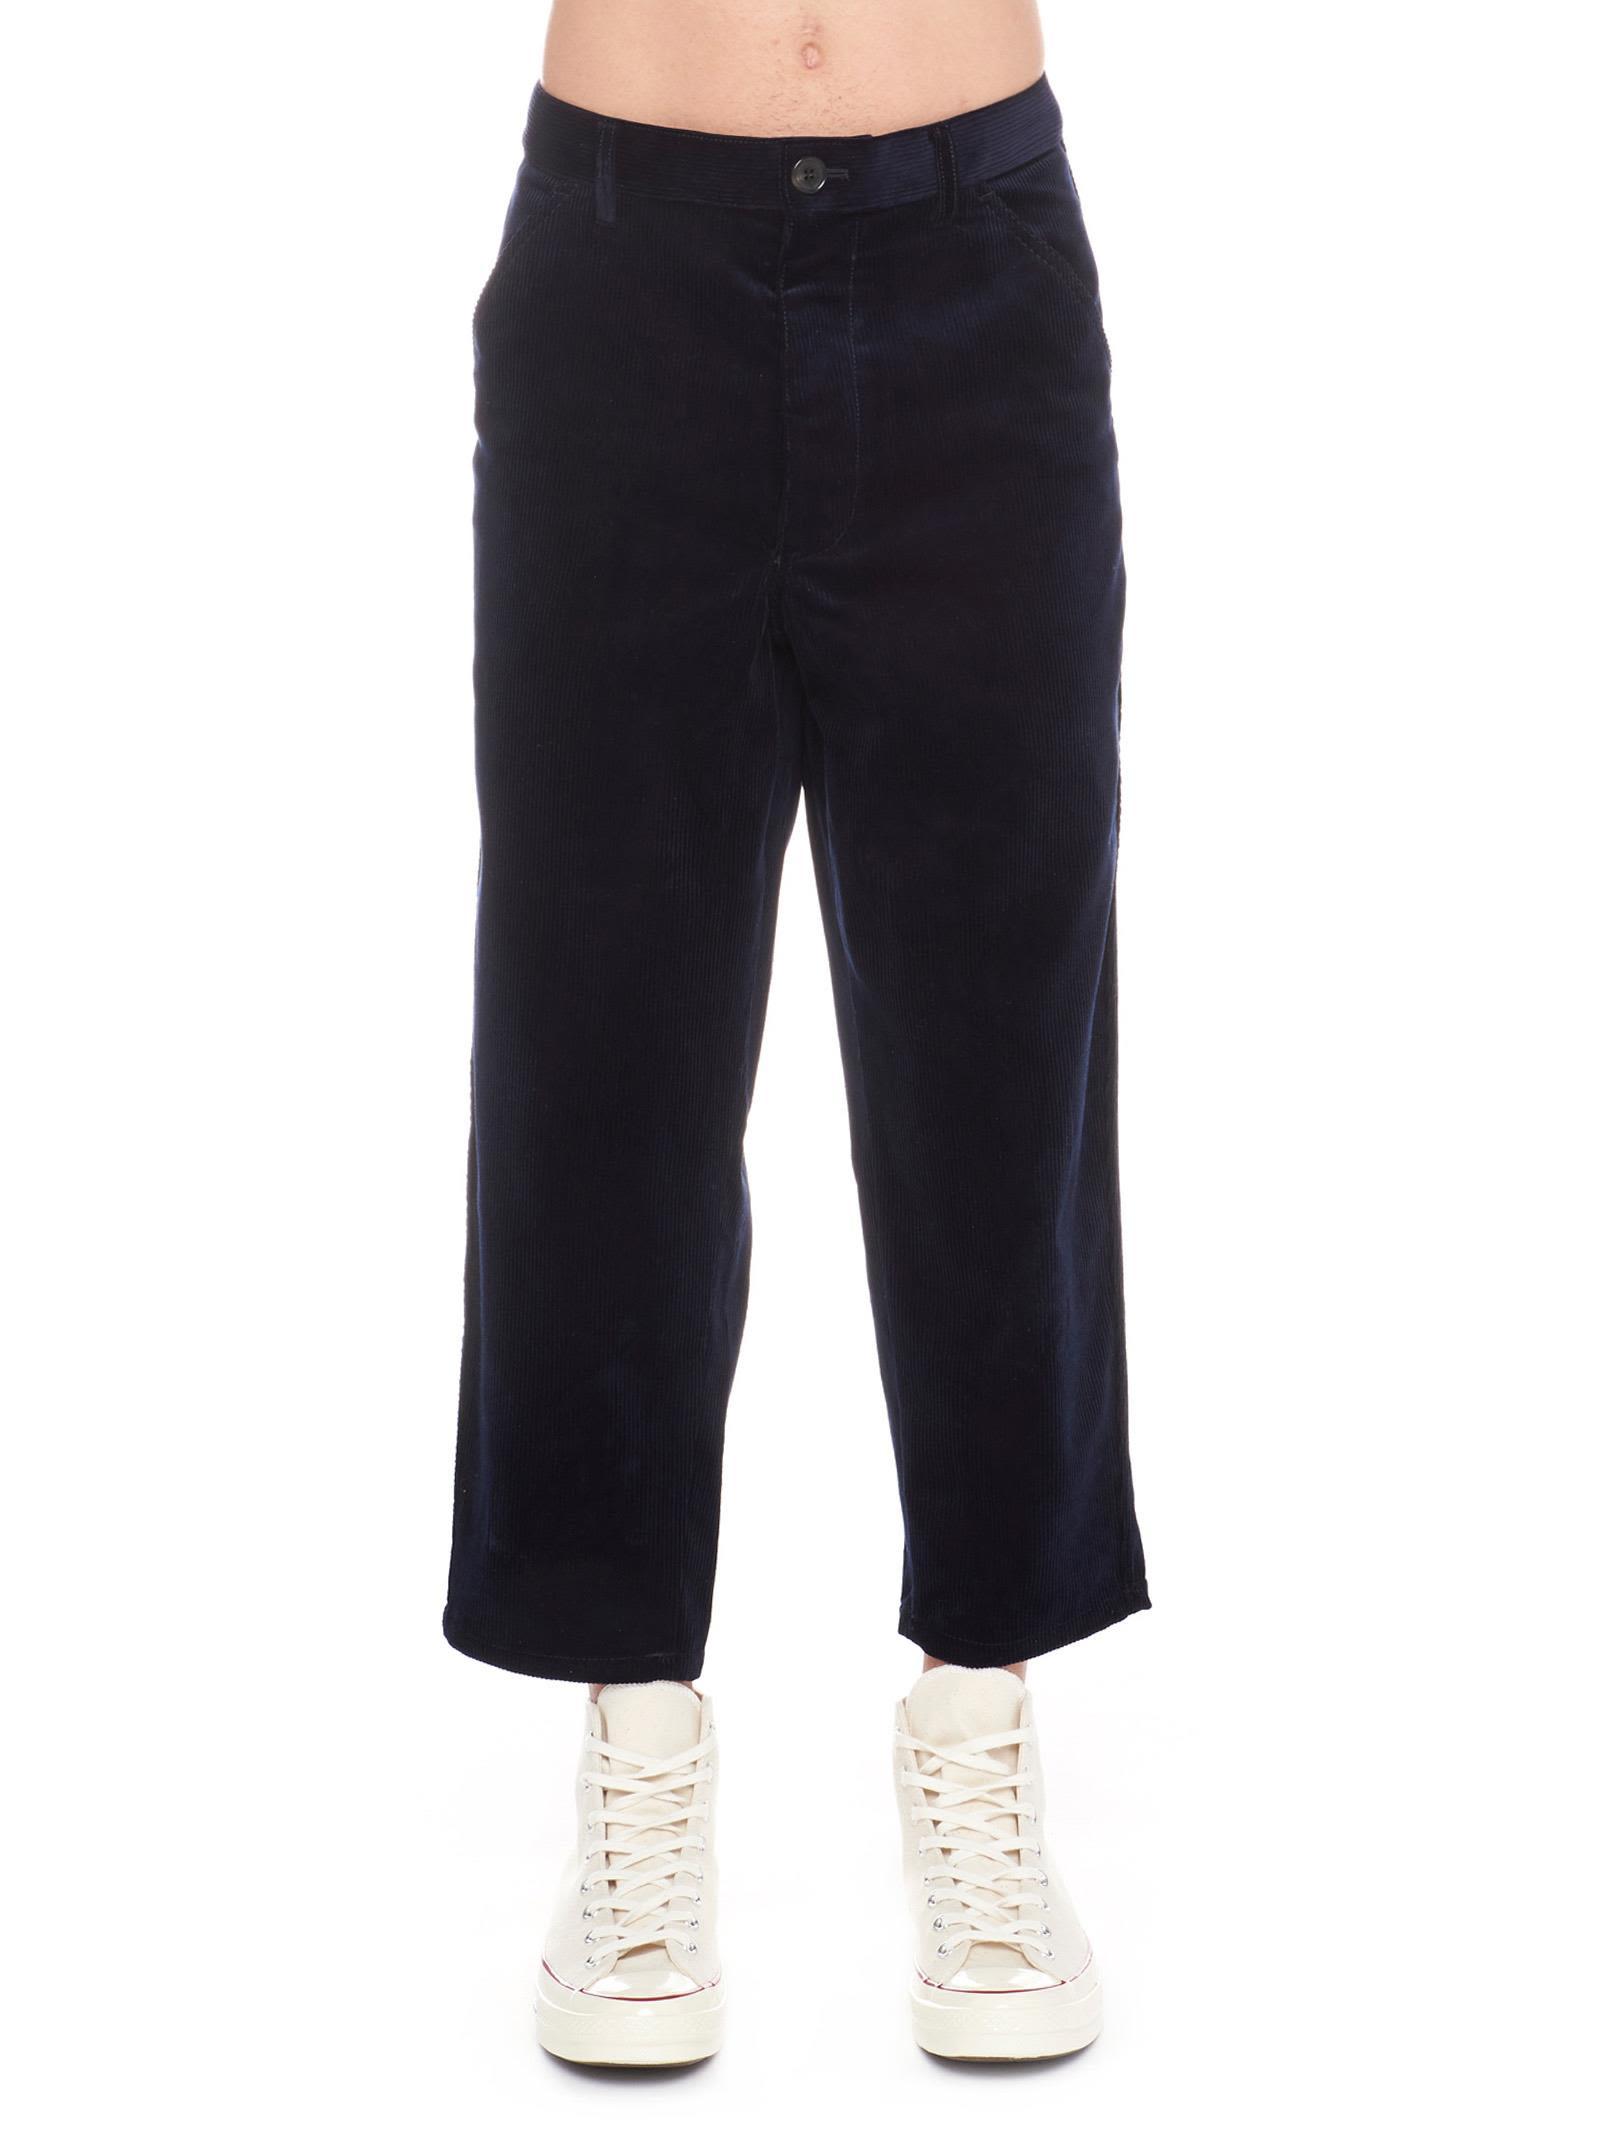 COMME DES GARÇONS BOYS Comme Des Garçons Boys Pants in Blue